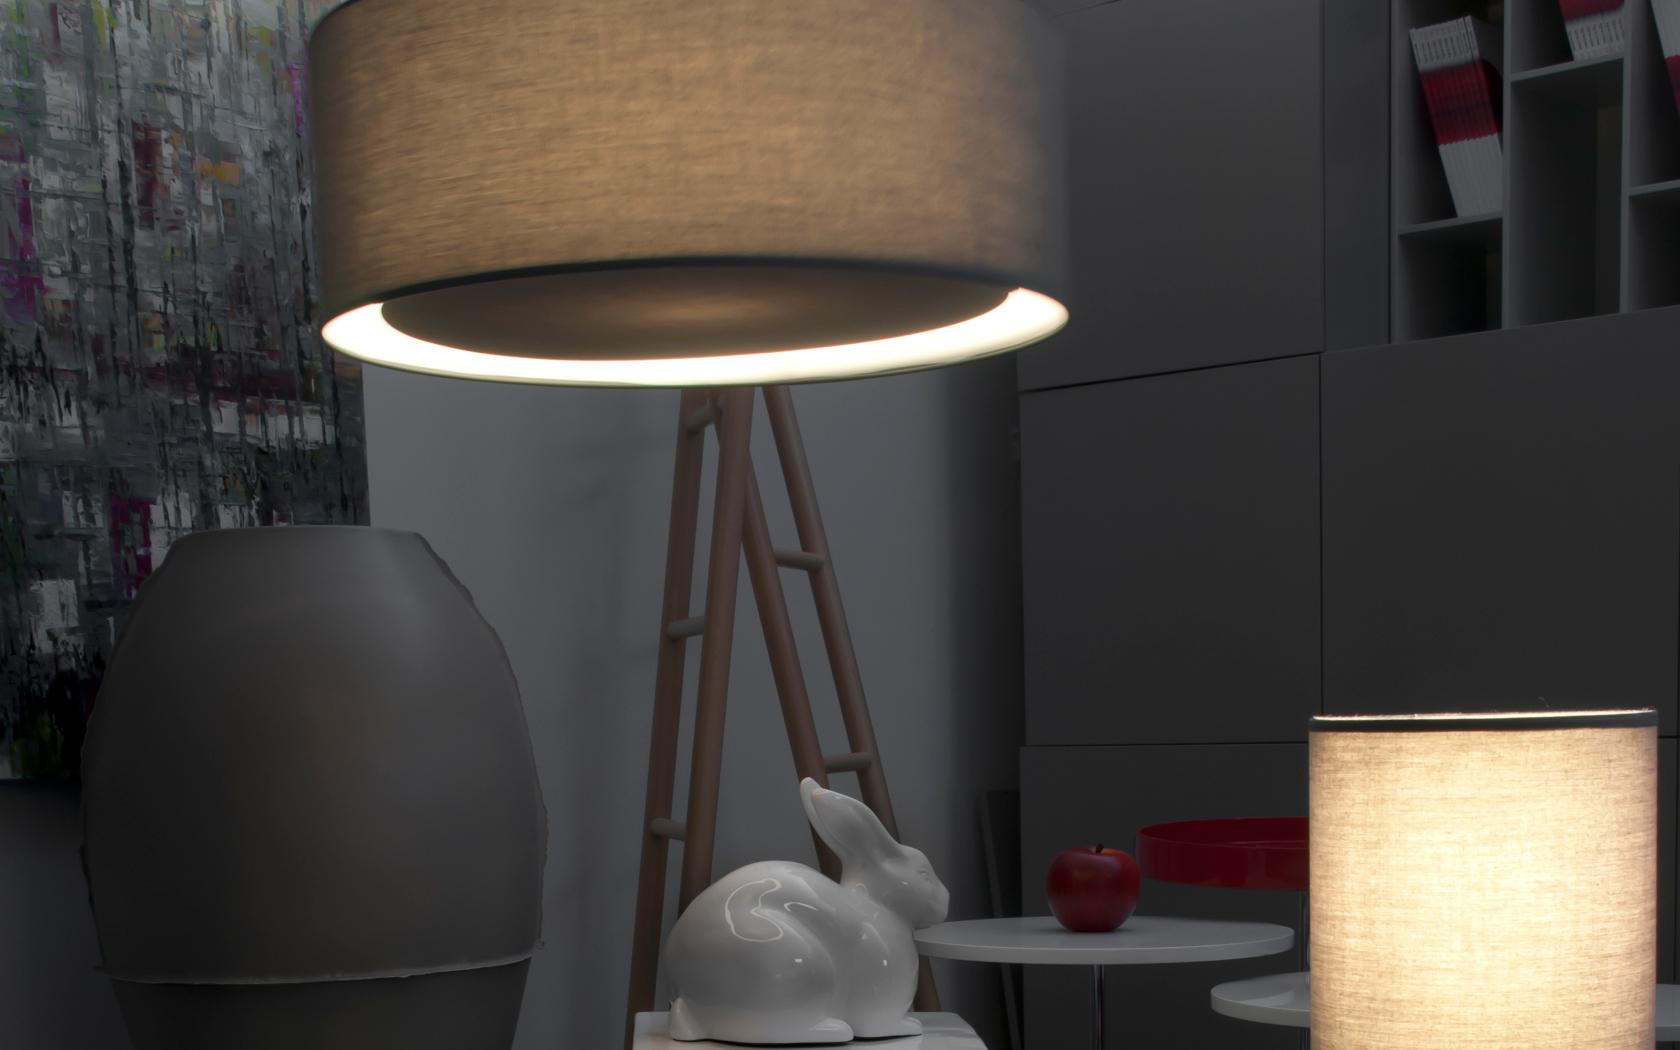 Choisir l 39 clairage de son entr e choisir son luminaire for Luminaire entree